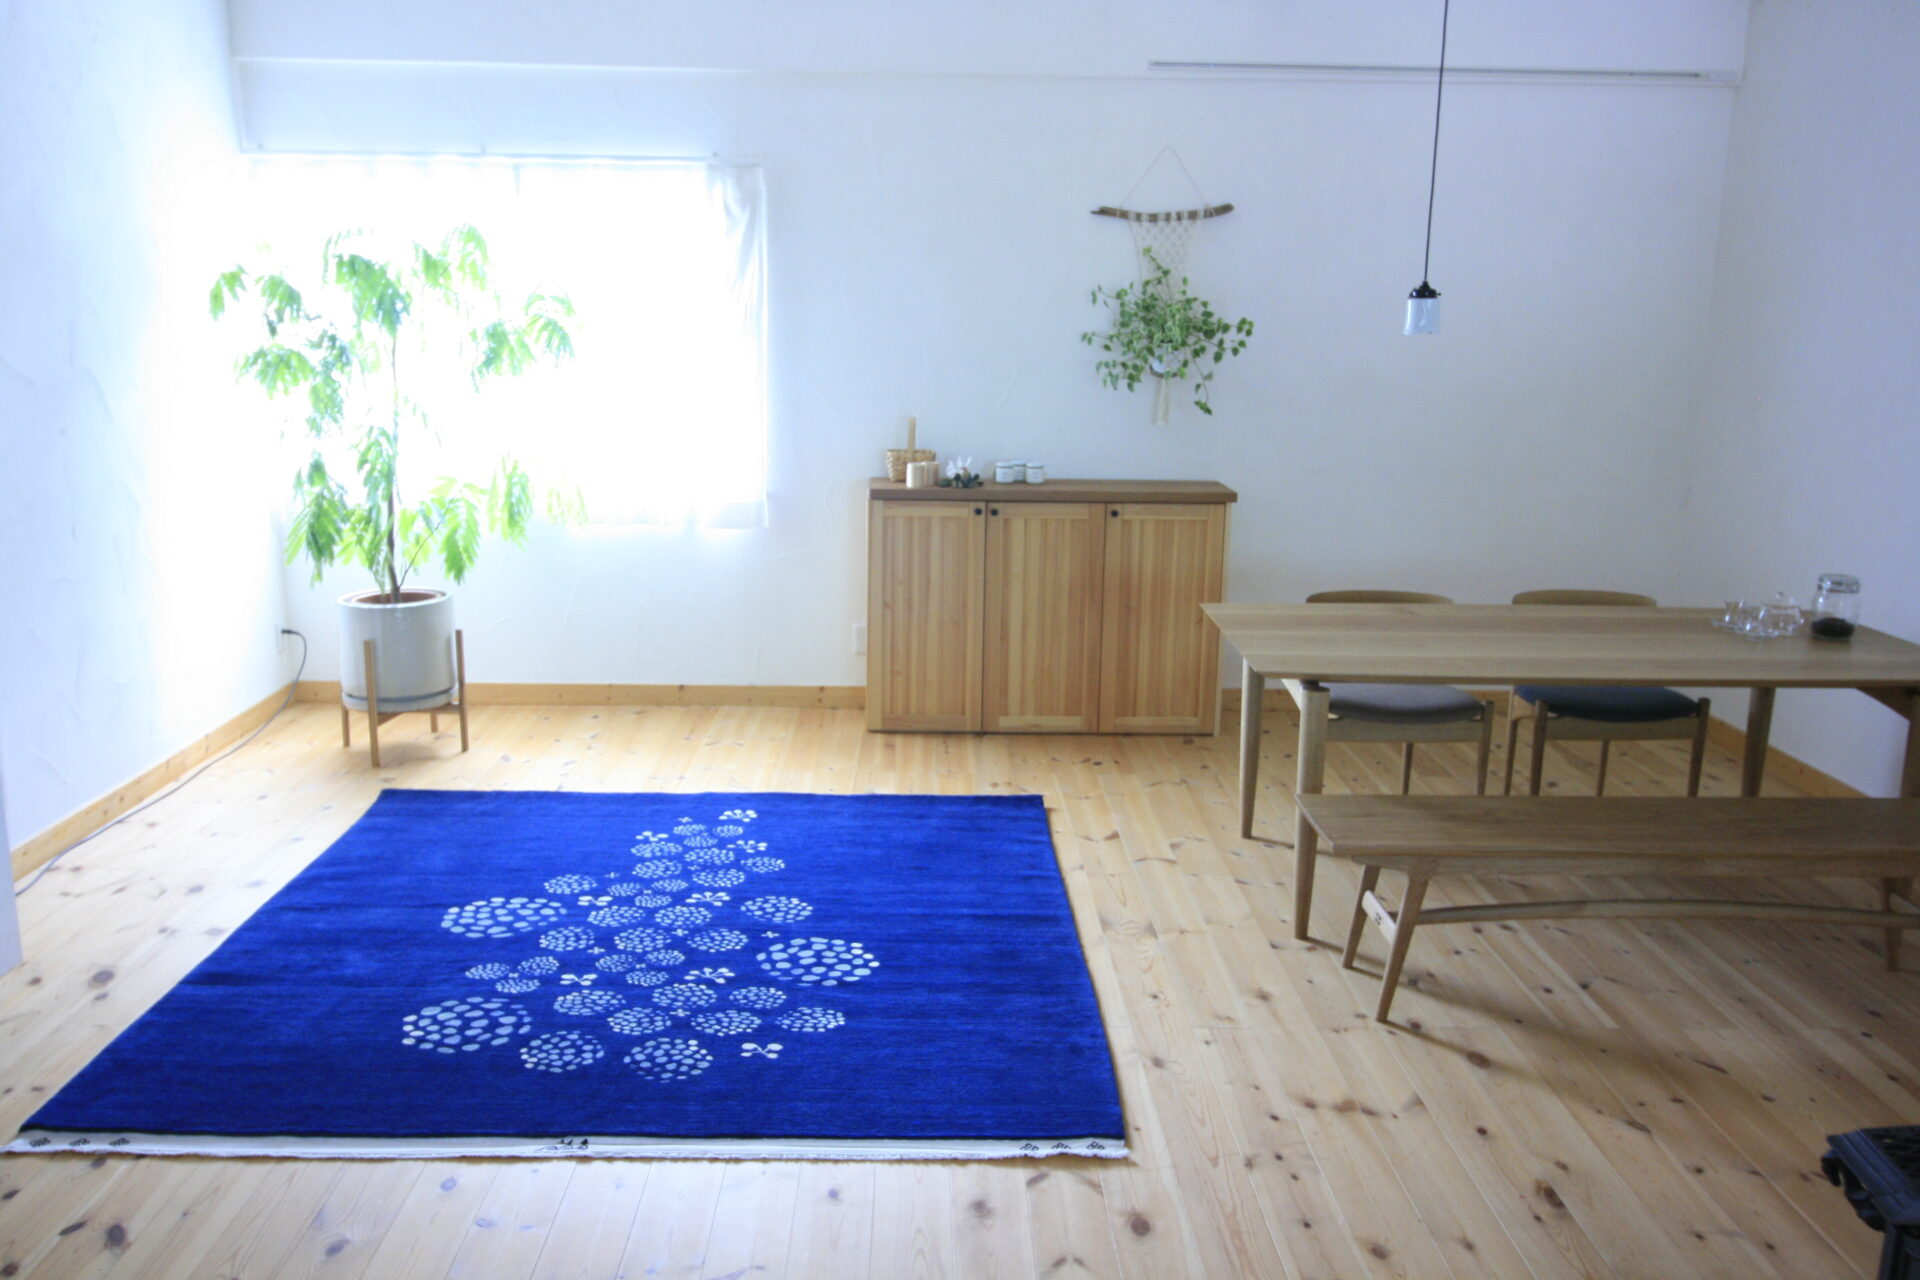 手織り絨毯